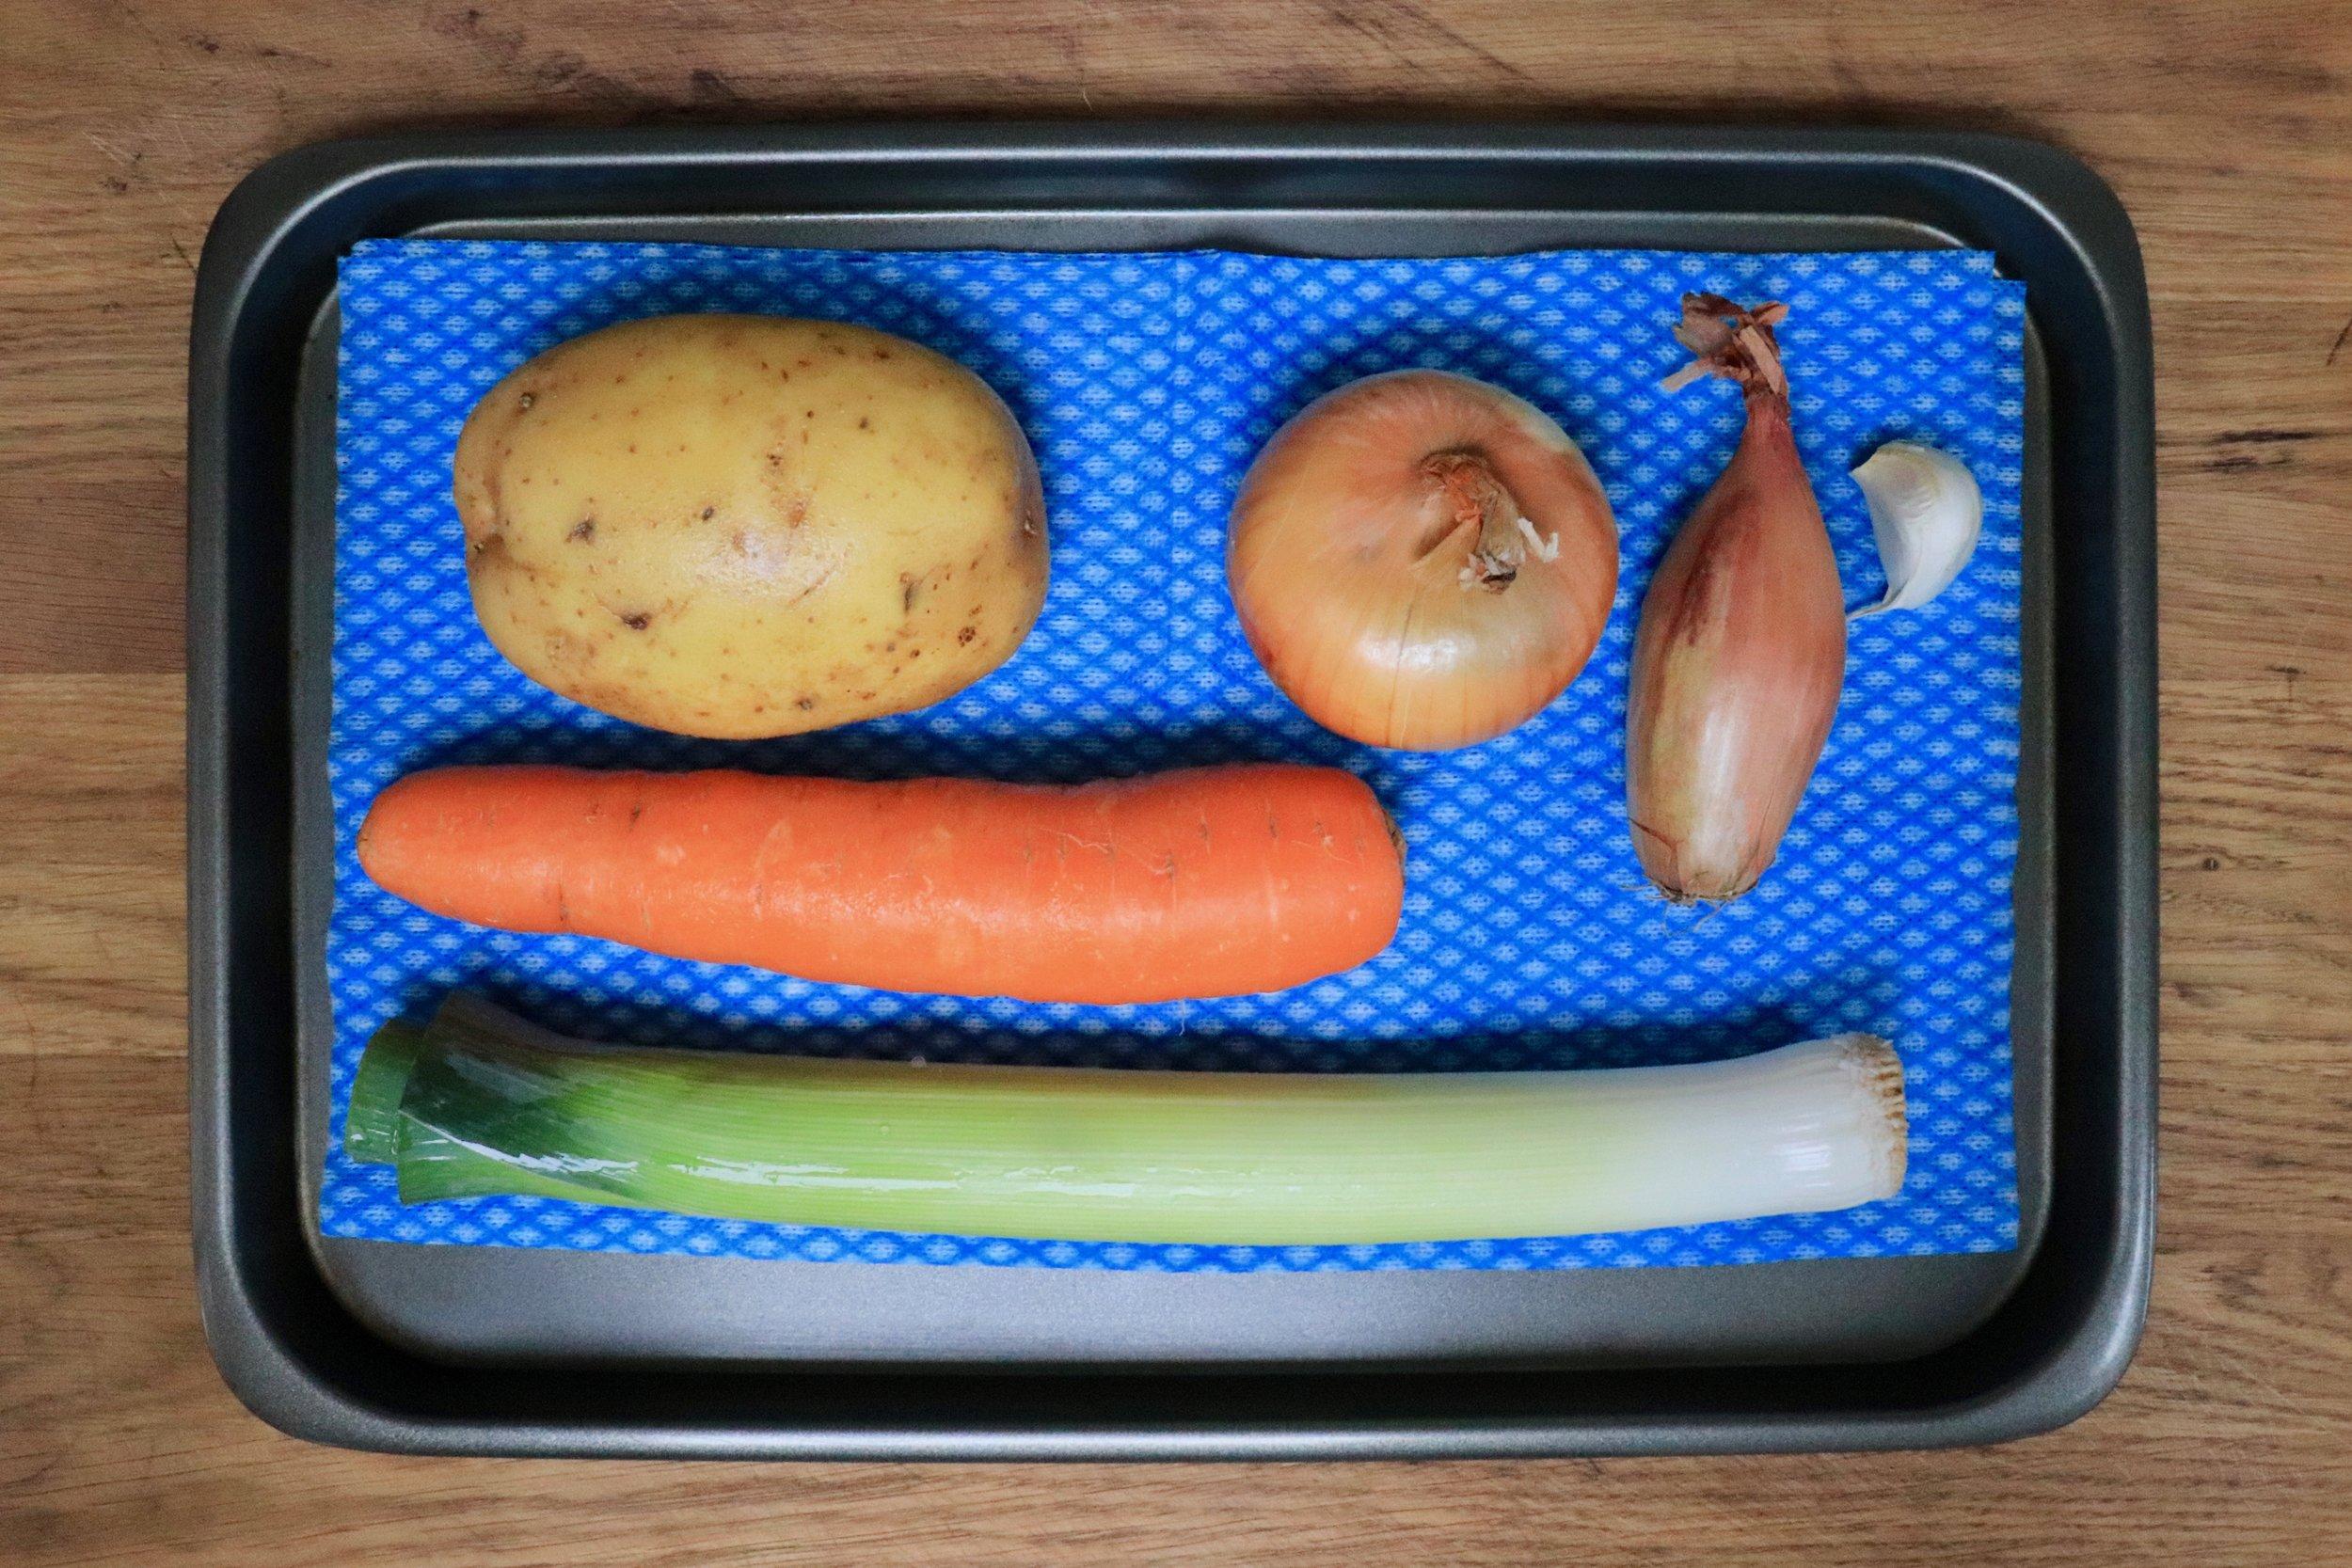 Washed vegetables